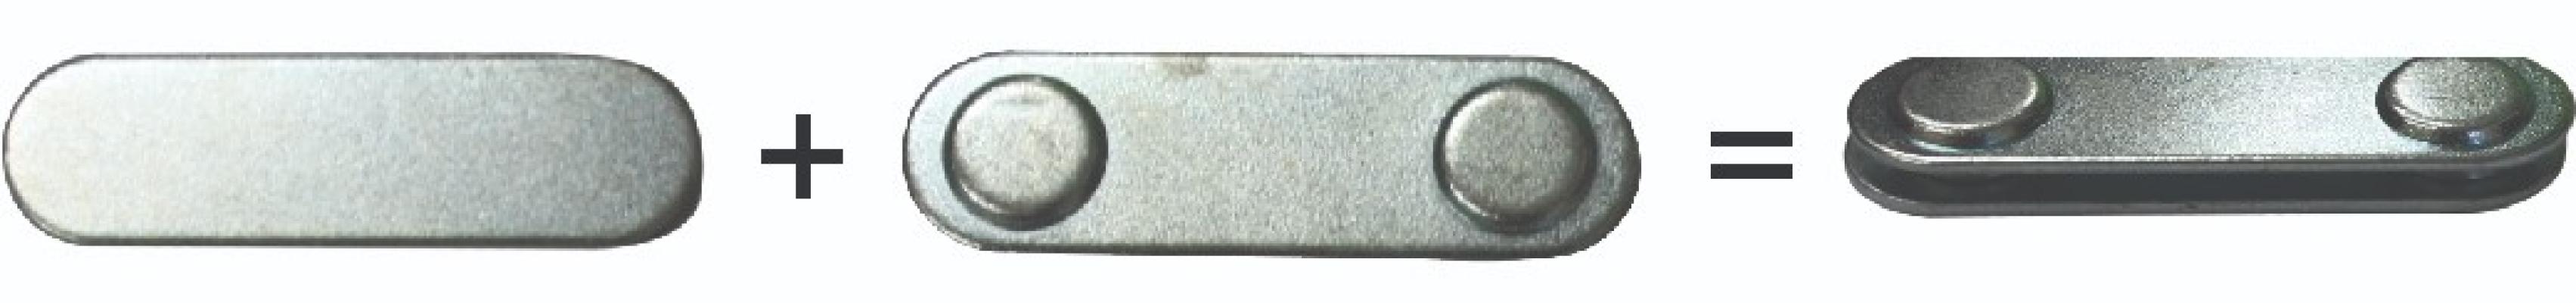 PA71M